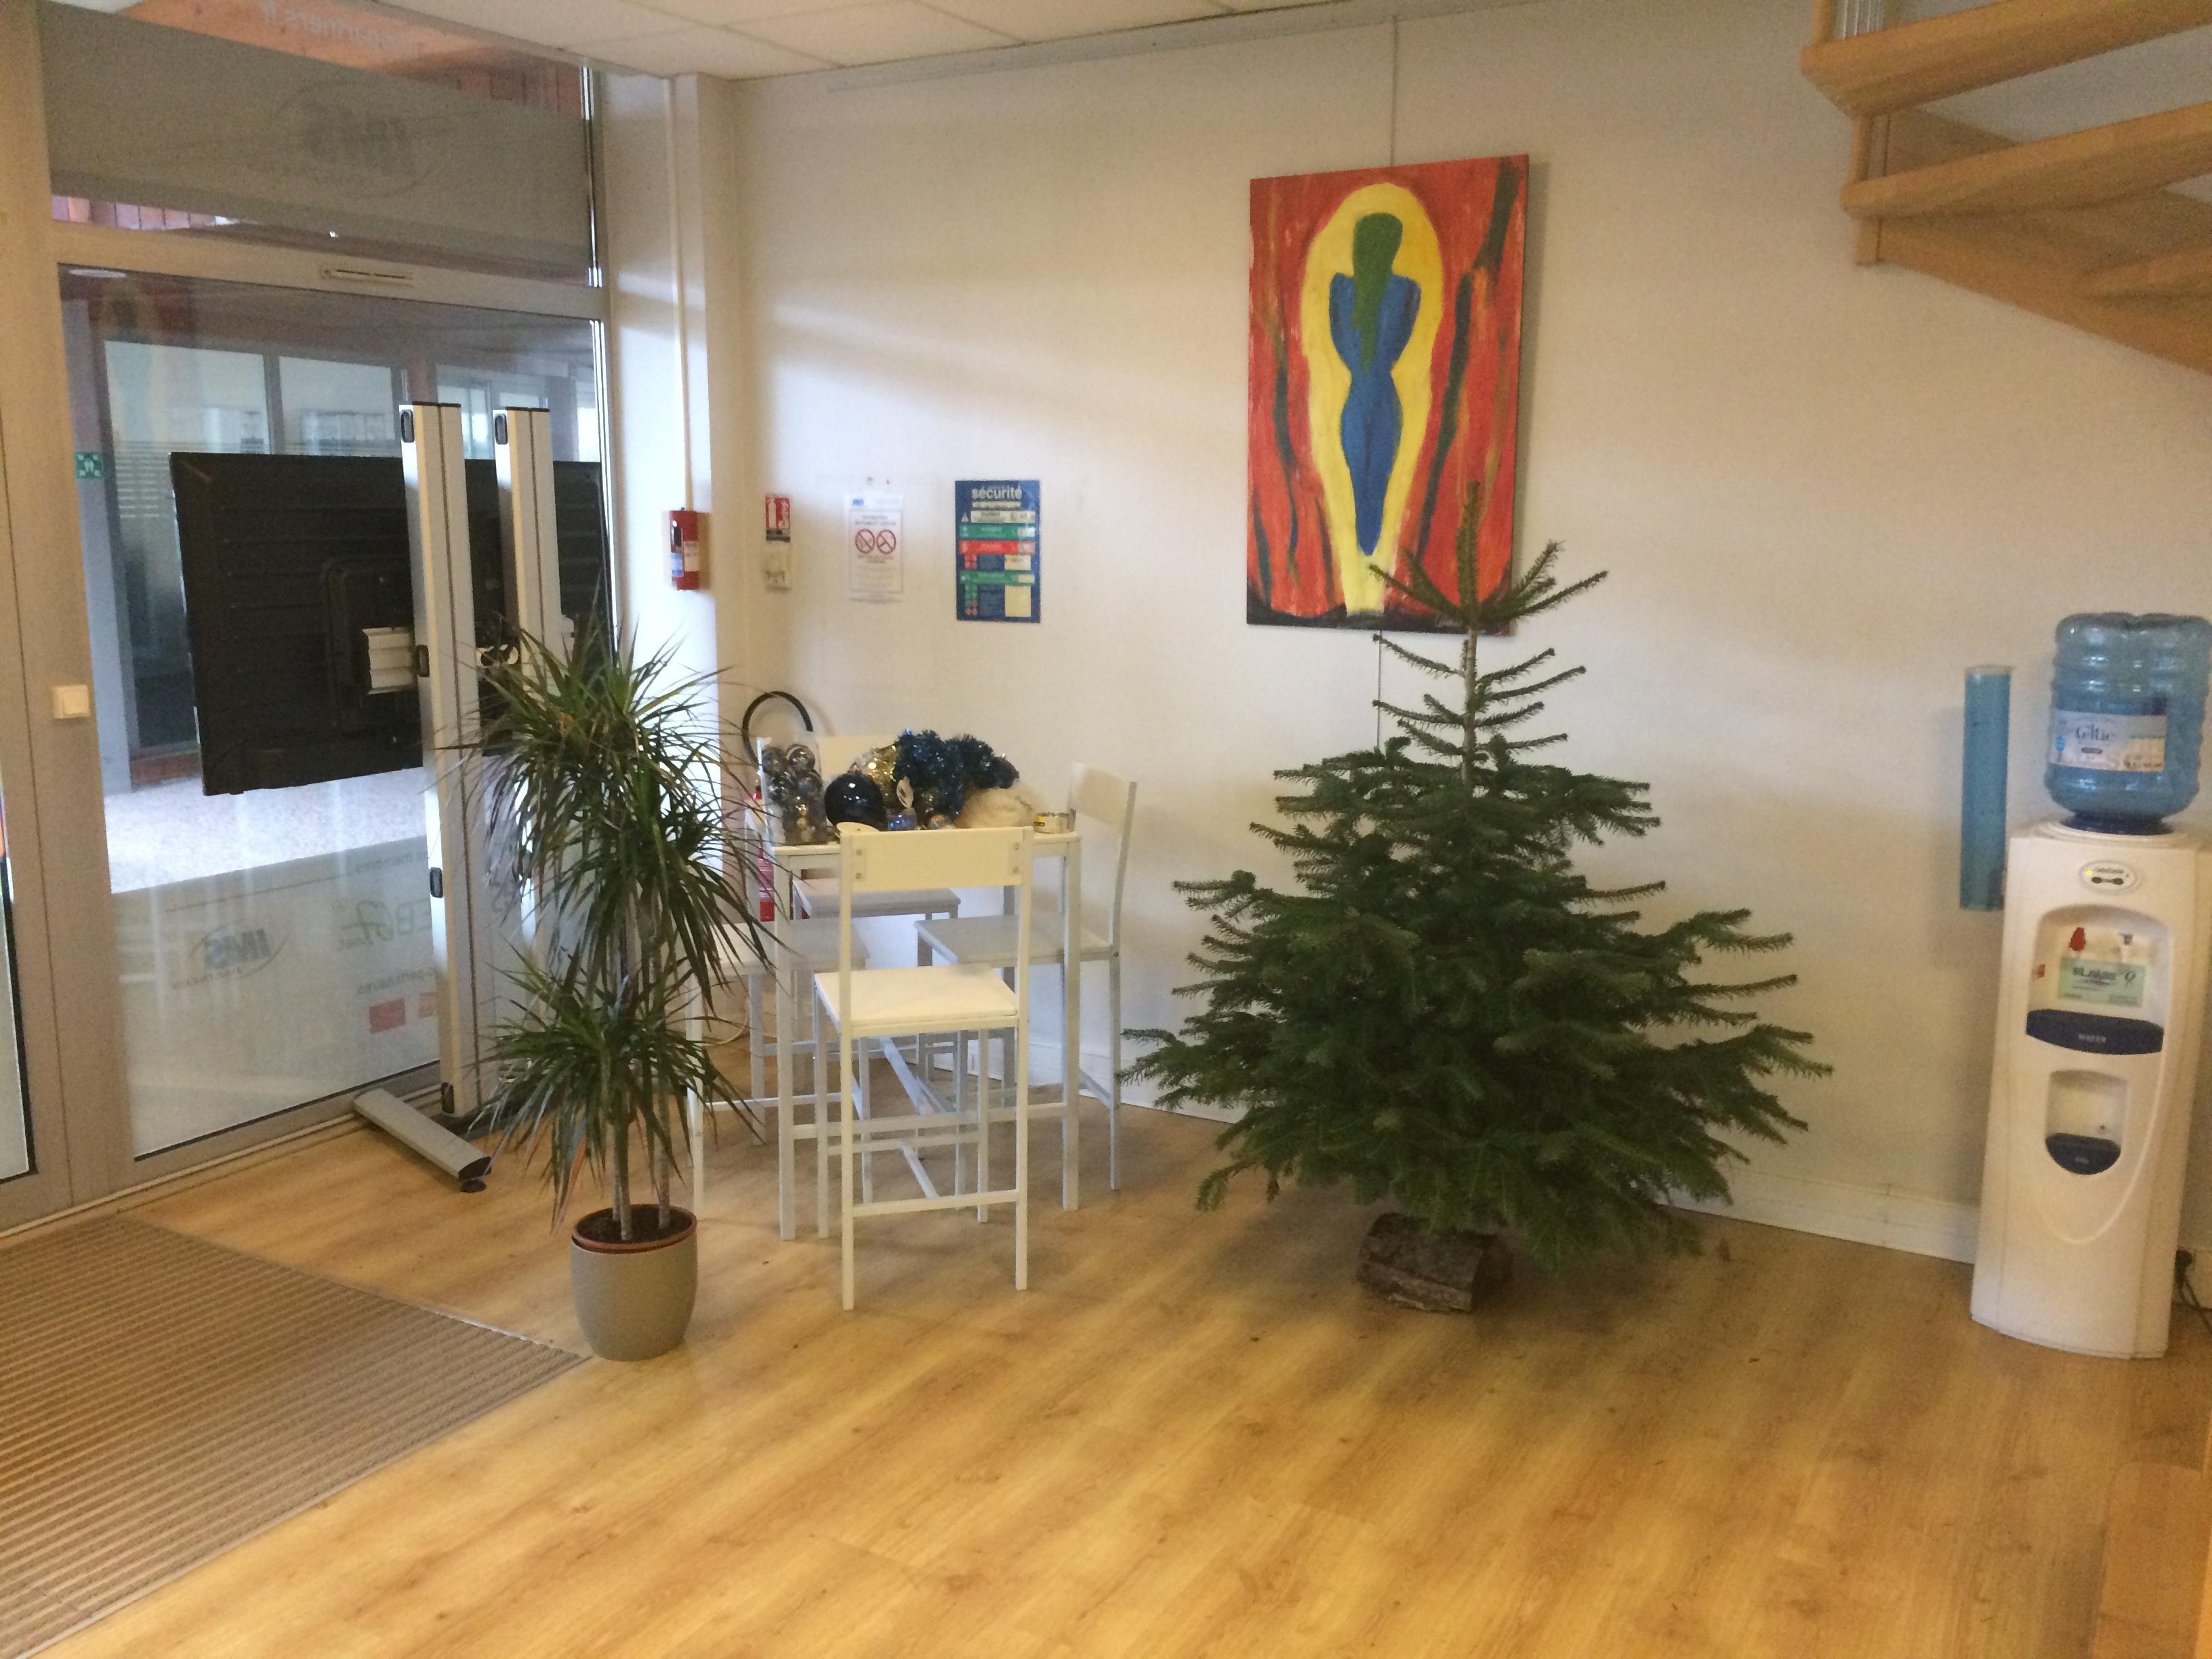 Noël se prépare chez IMS à Lutterbach